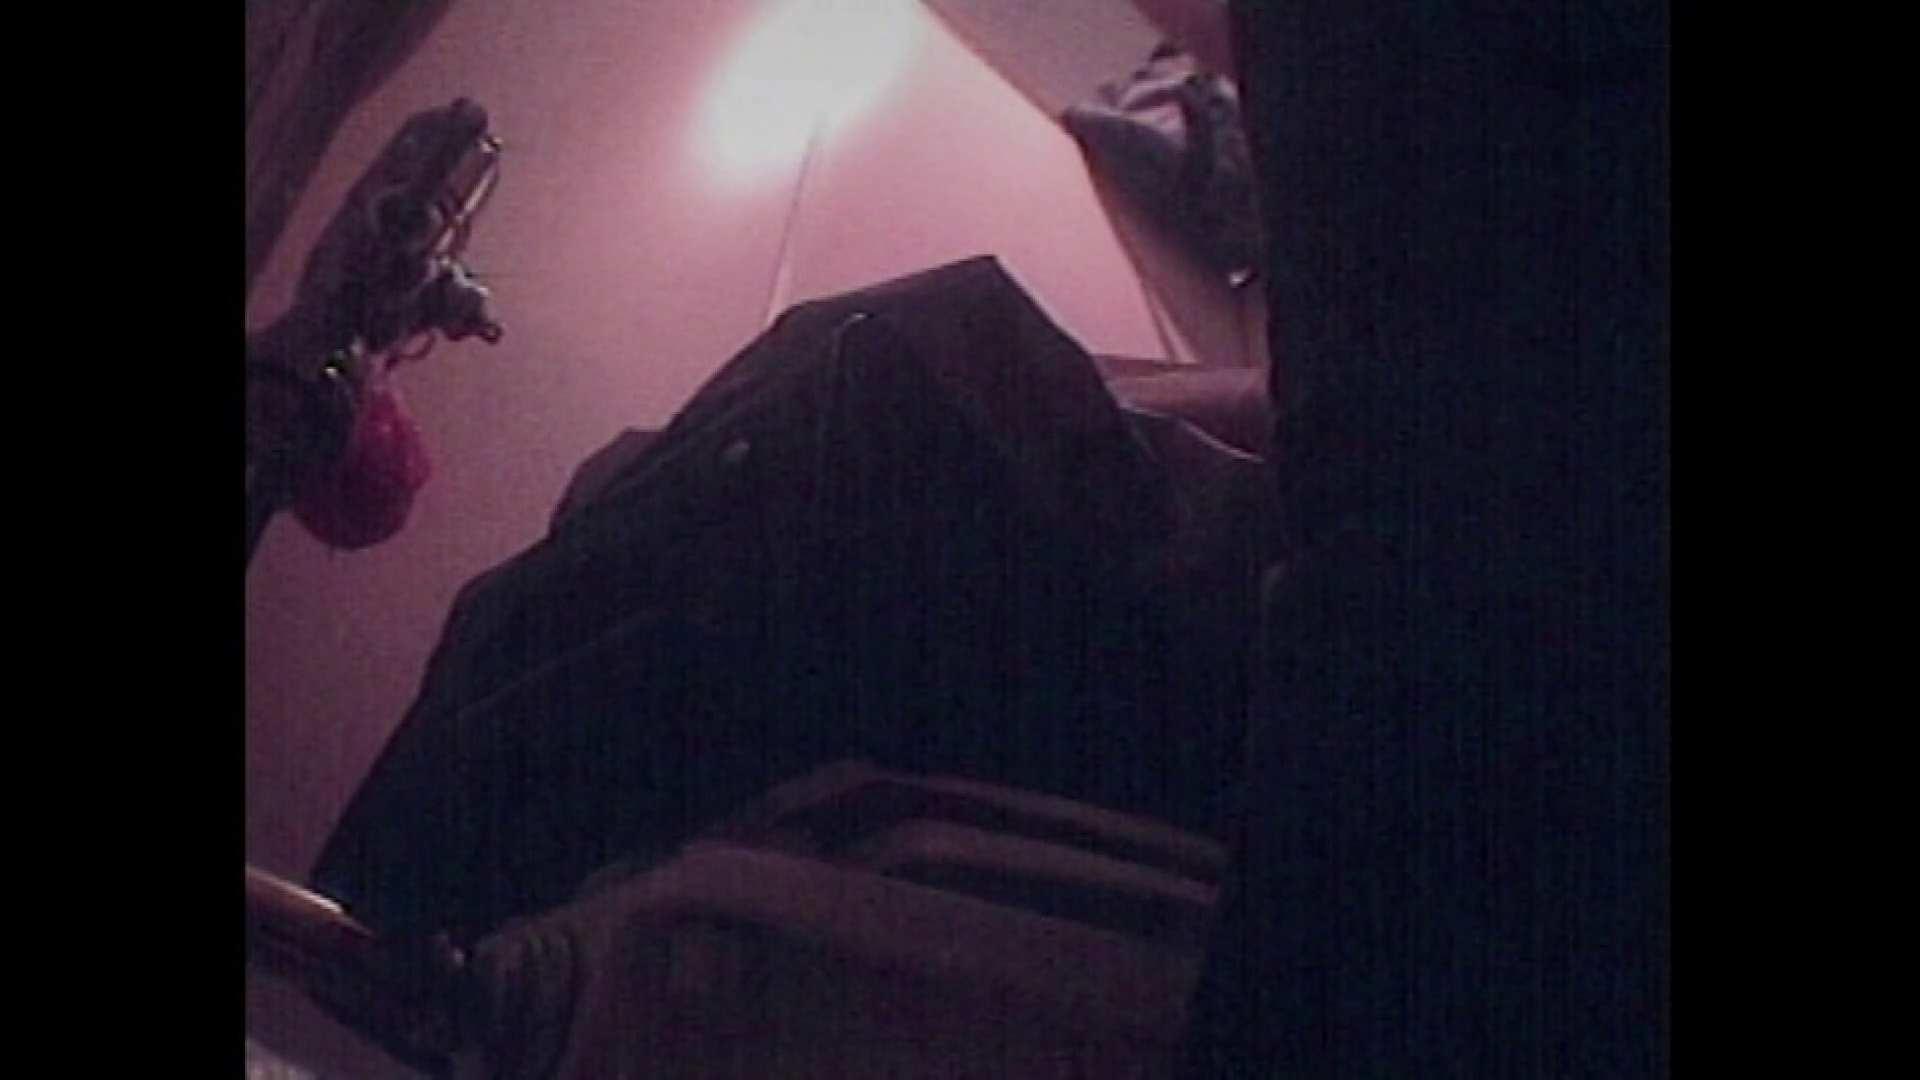 レース場での秘め事 Vol.01 盛合せ オマンコ無修正動画無料 84画像 10